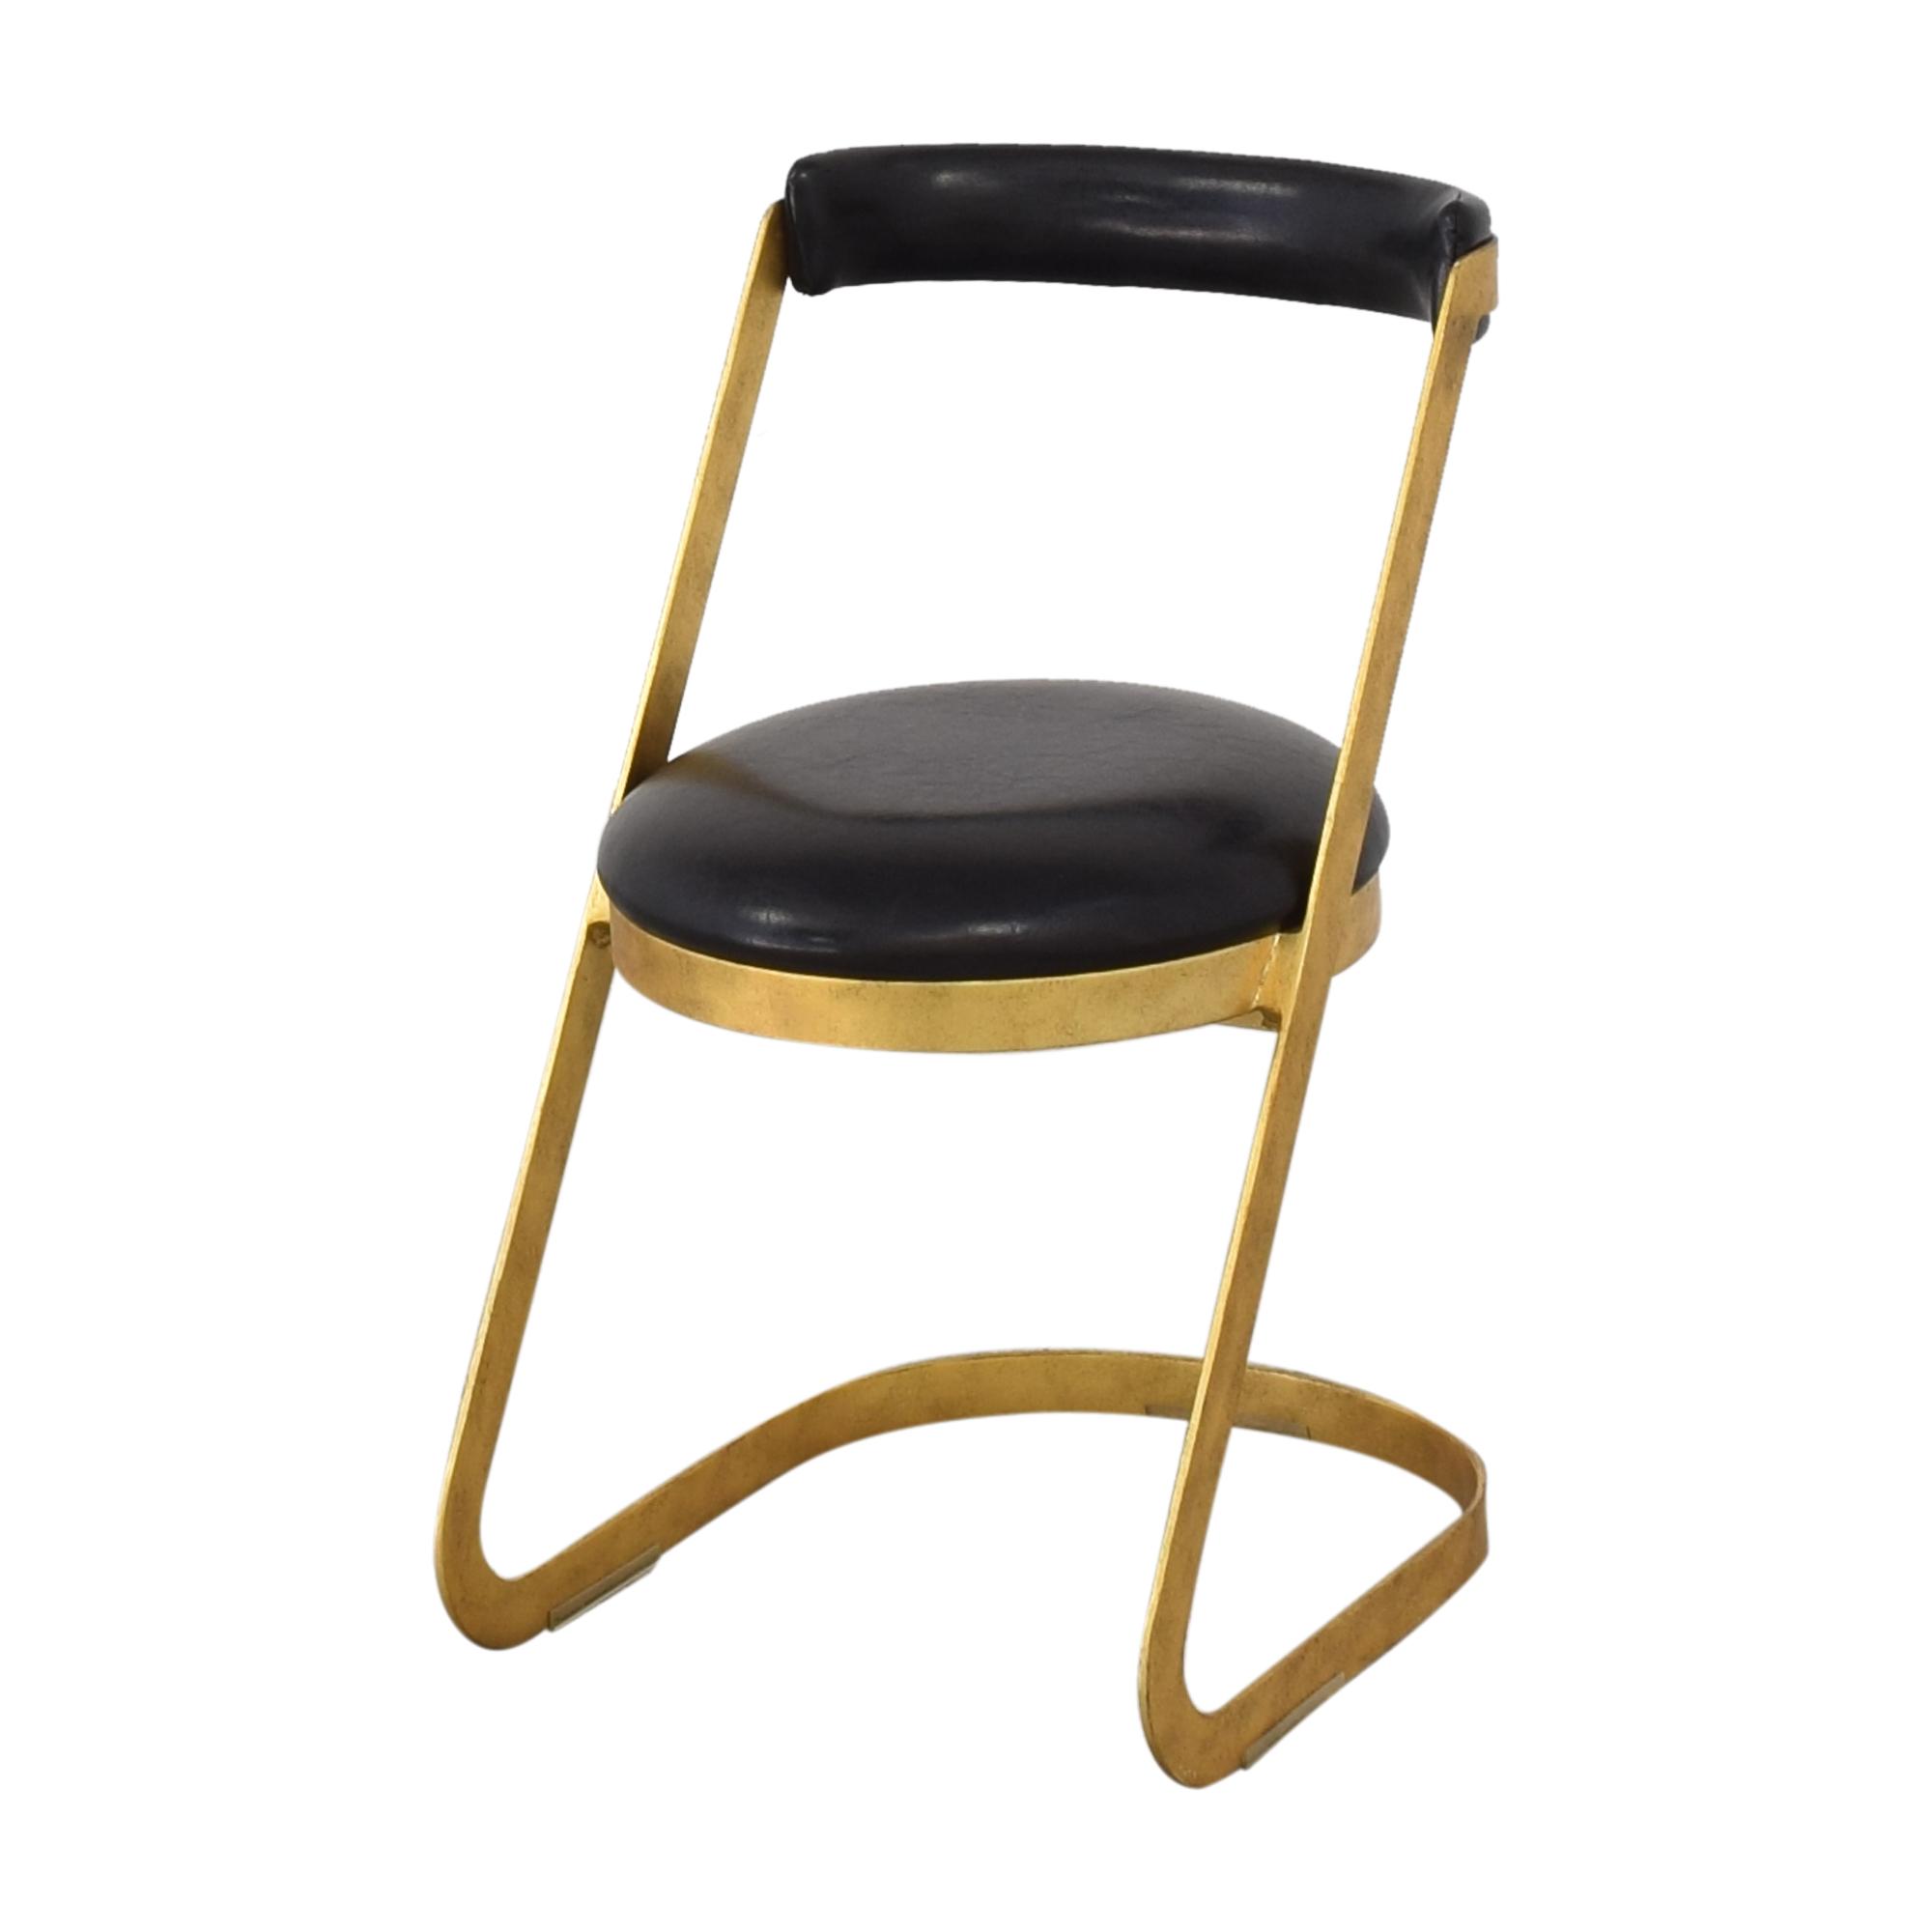 shop DwellStudio Farrah Dining Chairs DwellStudio Chairs